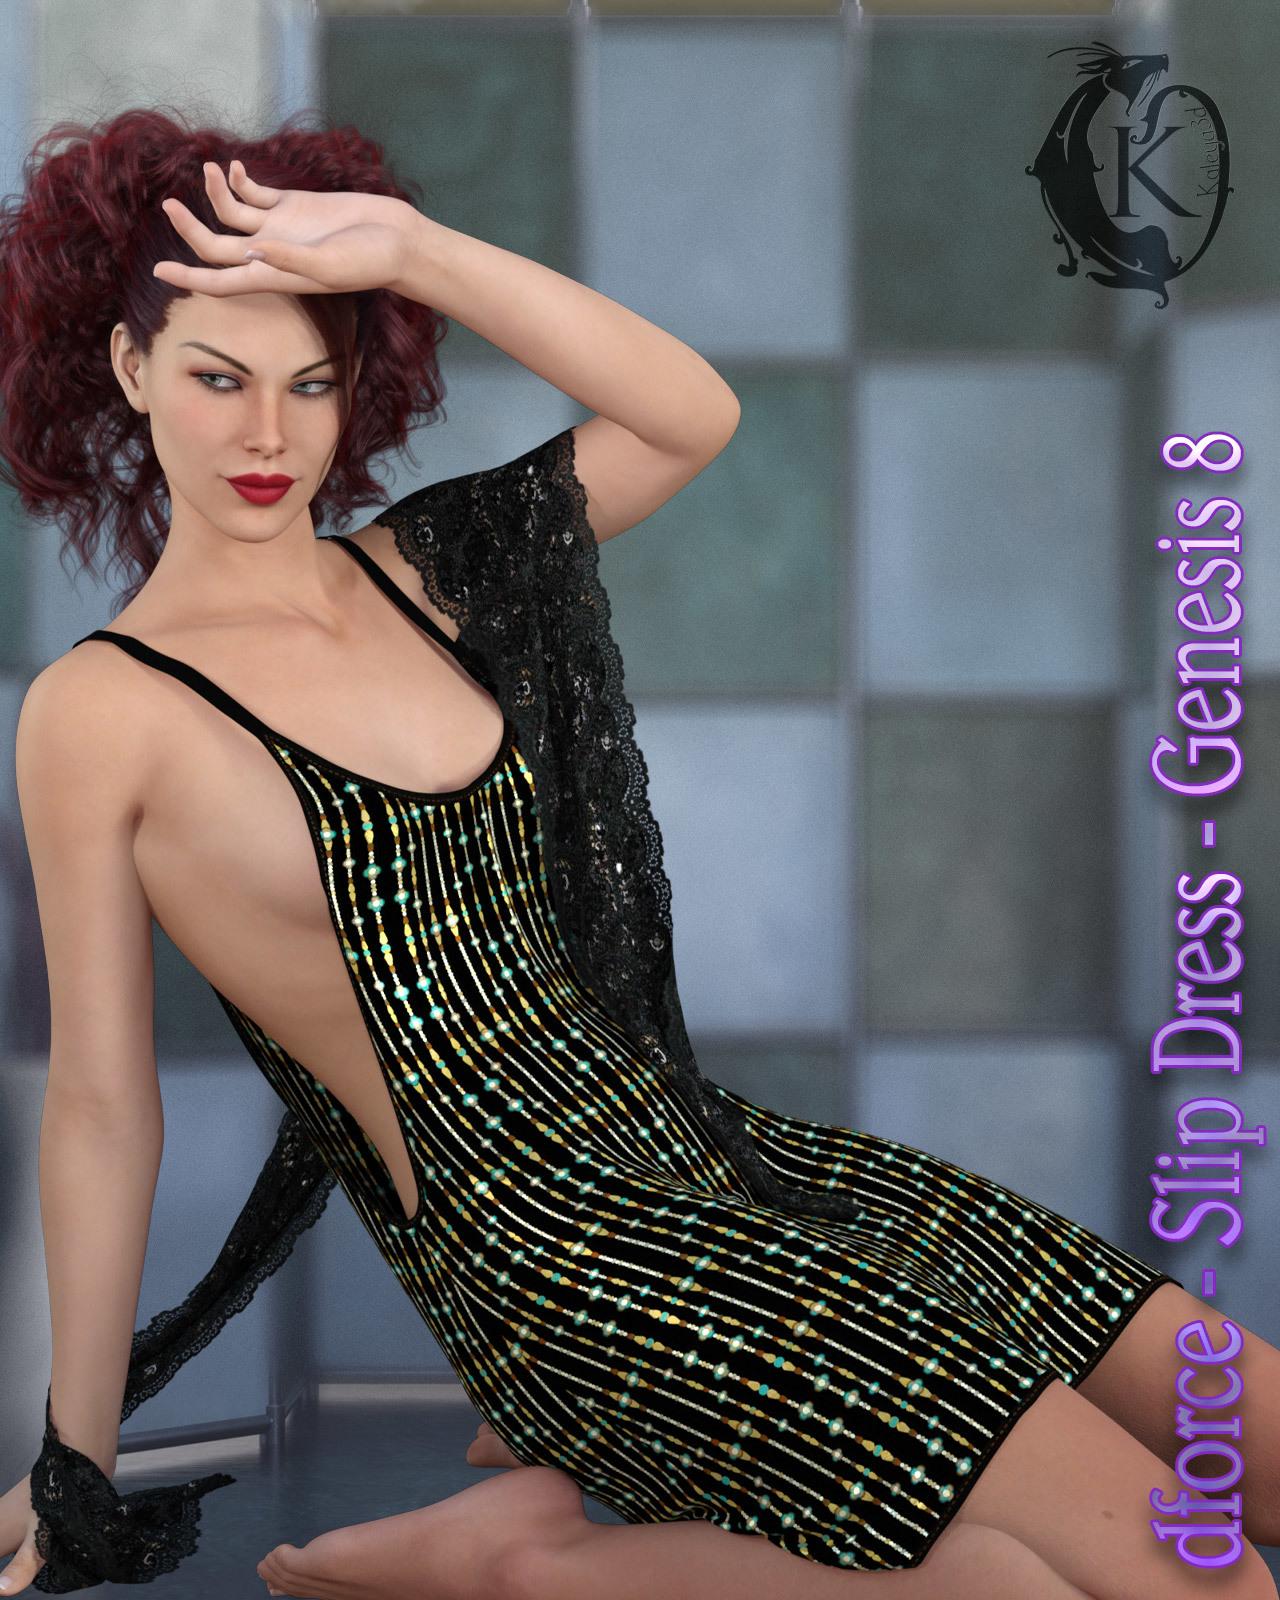 dforce - Slip Dress - Genesis 8